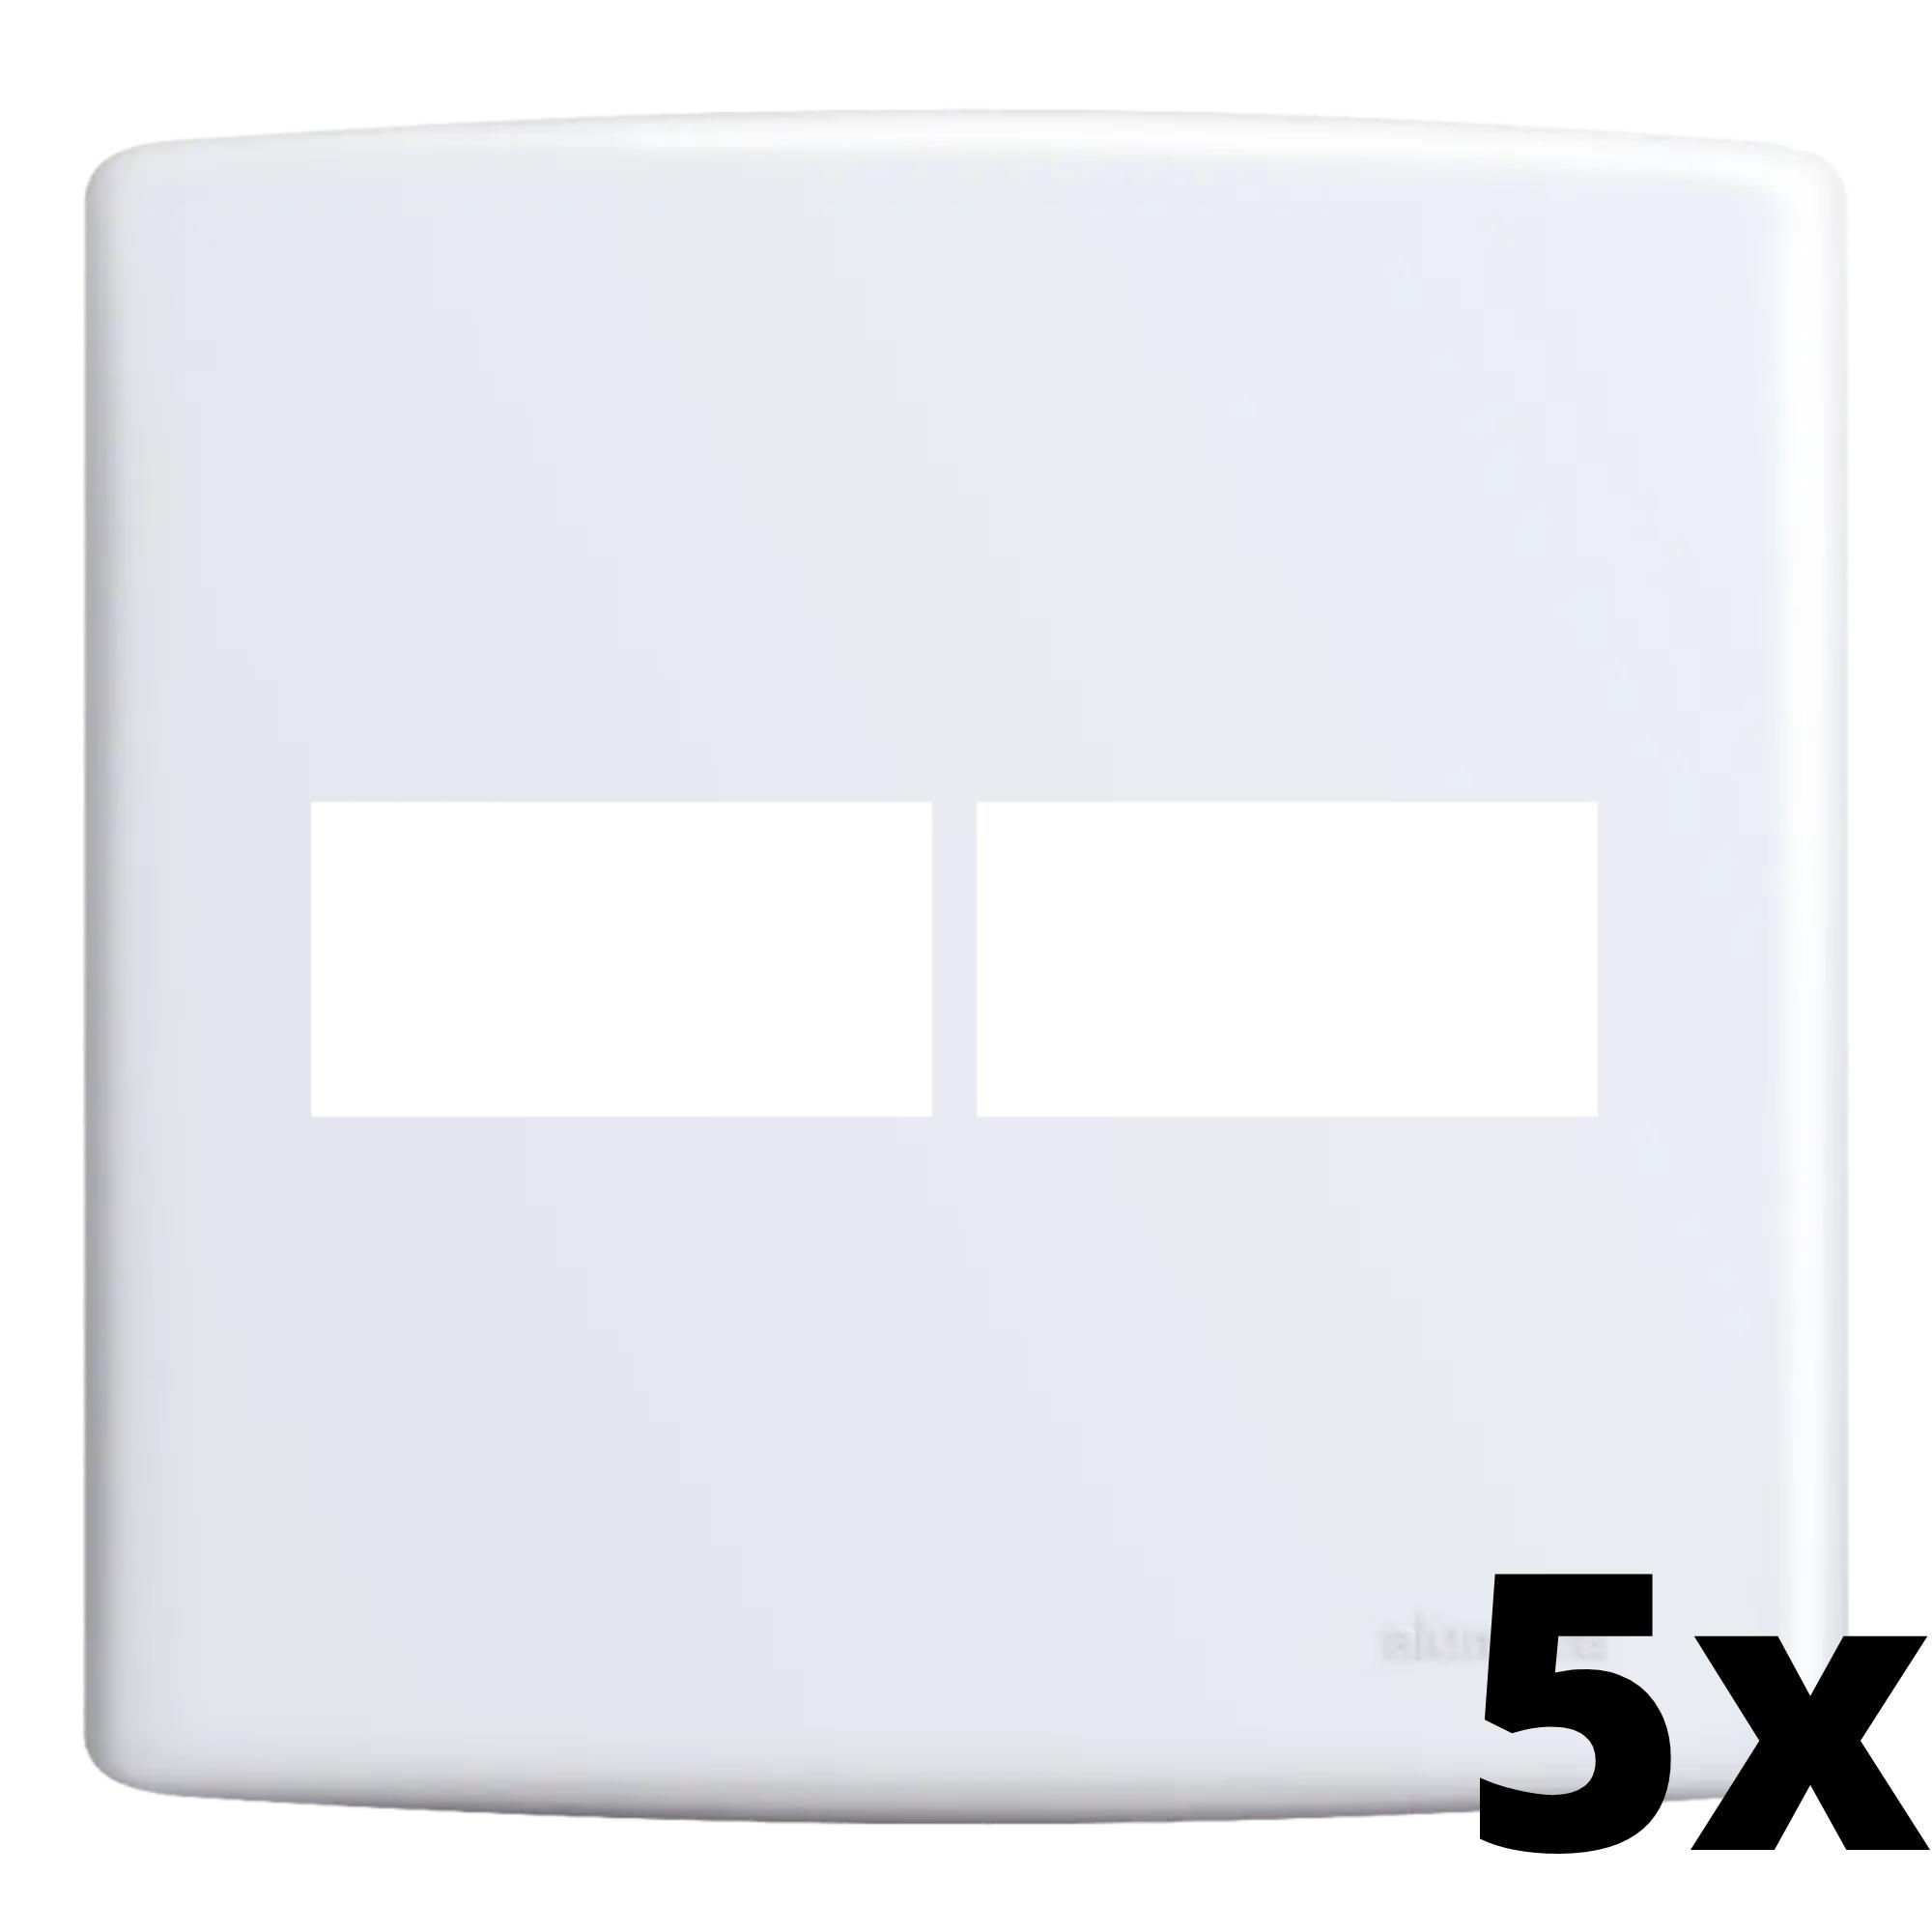 Kit 5 und Siena Placa 4x4 1 Seção + 1 Seção